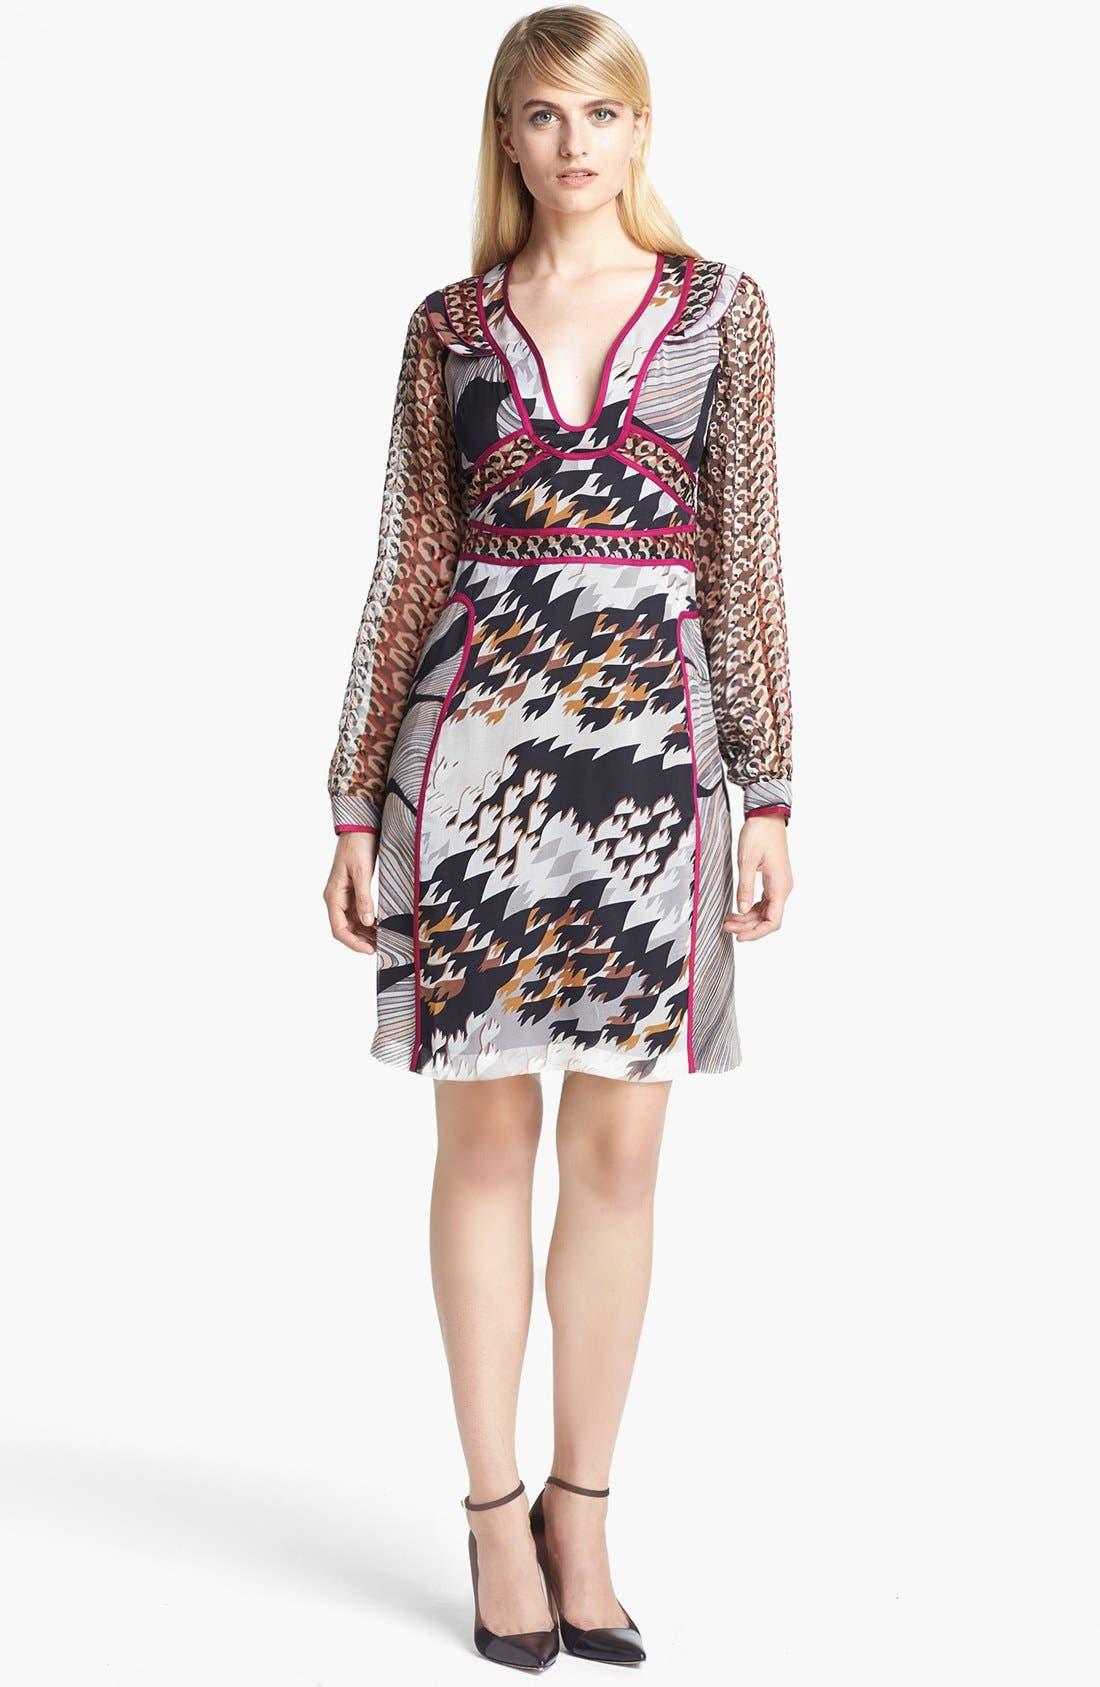 Alternate Image 1 Selected - Diane von Furstenberg 'Poesie' Silk A-Line Dress